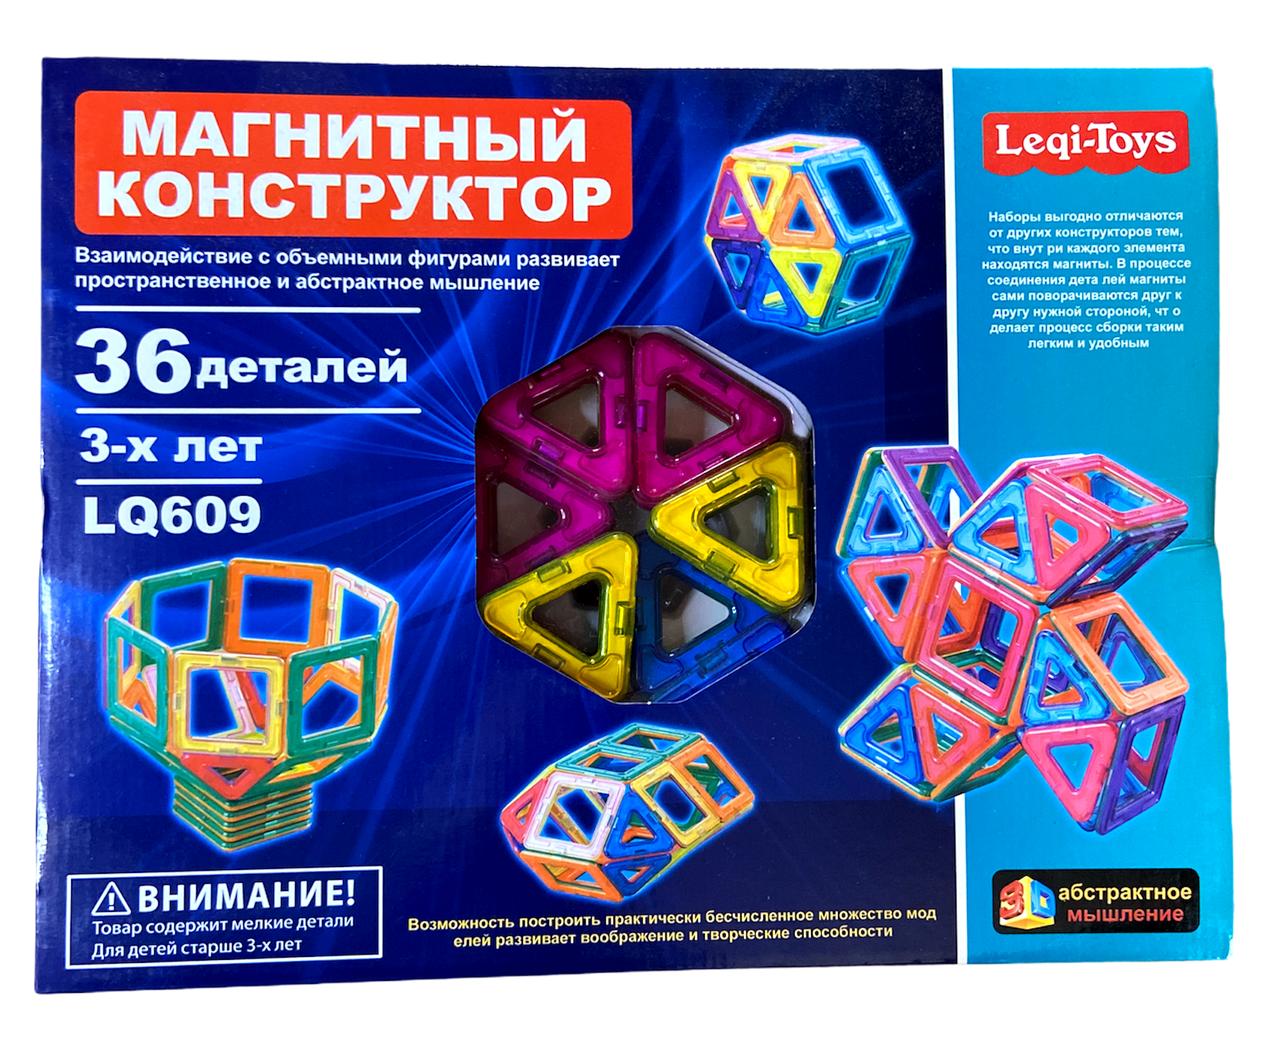 3D магнитный конструктор Leqi-Toys LQ609 36 деталей